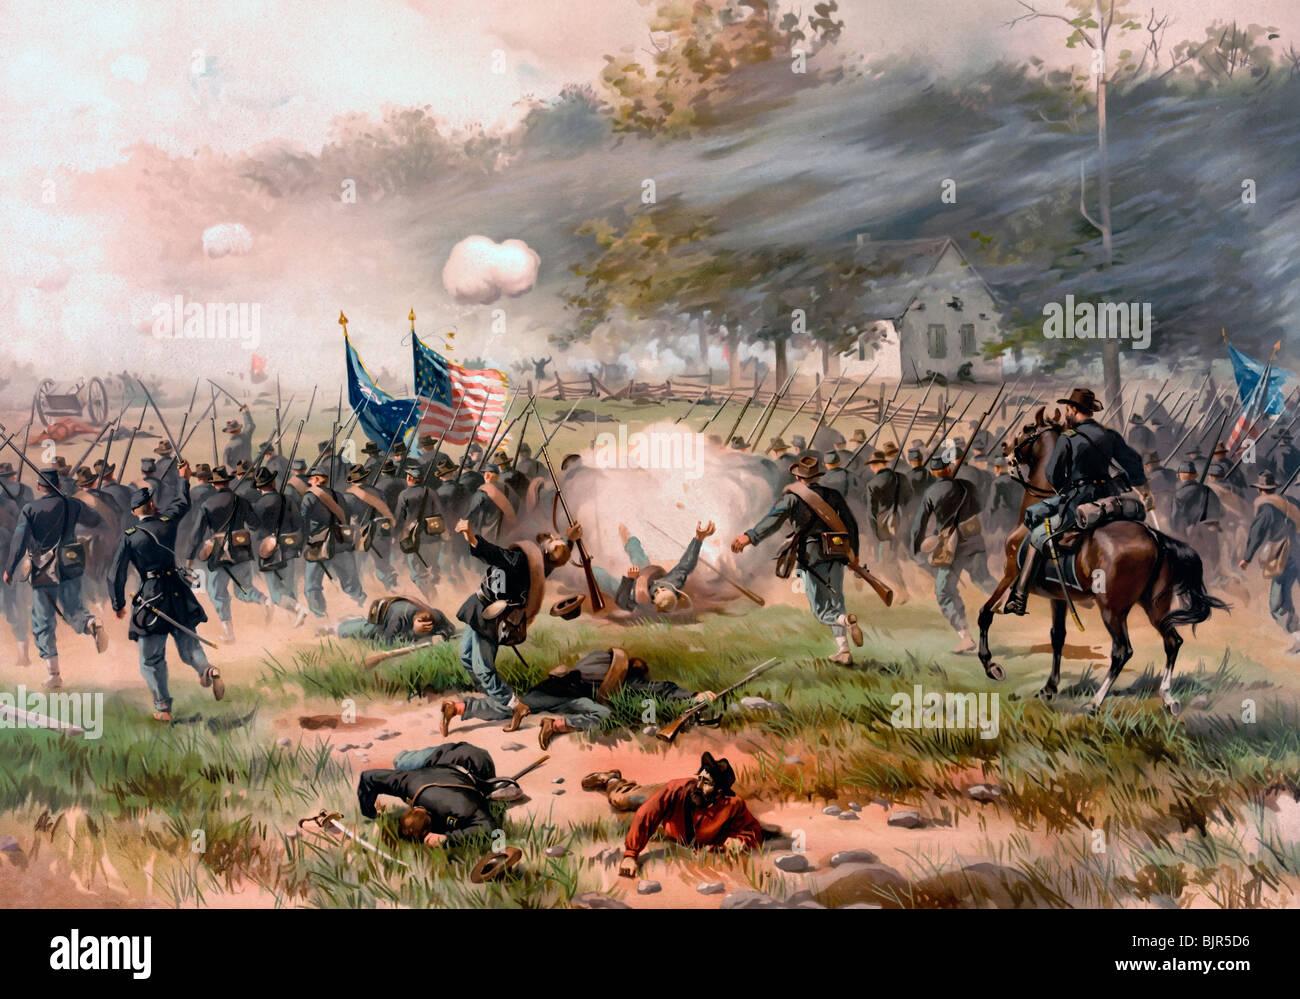 Bataille d'Antietam ou Sharpsburg, ont combattu le 17 septembre 1862 au cours de la guerre civile USA Photo Stock